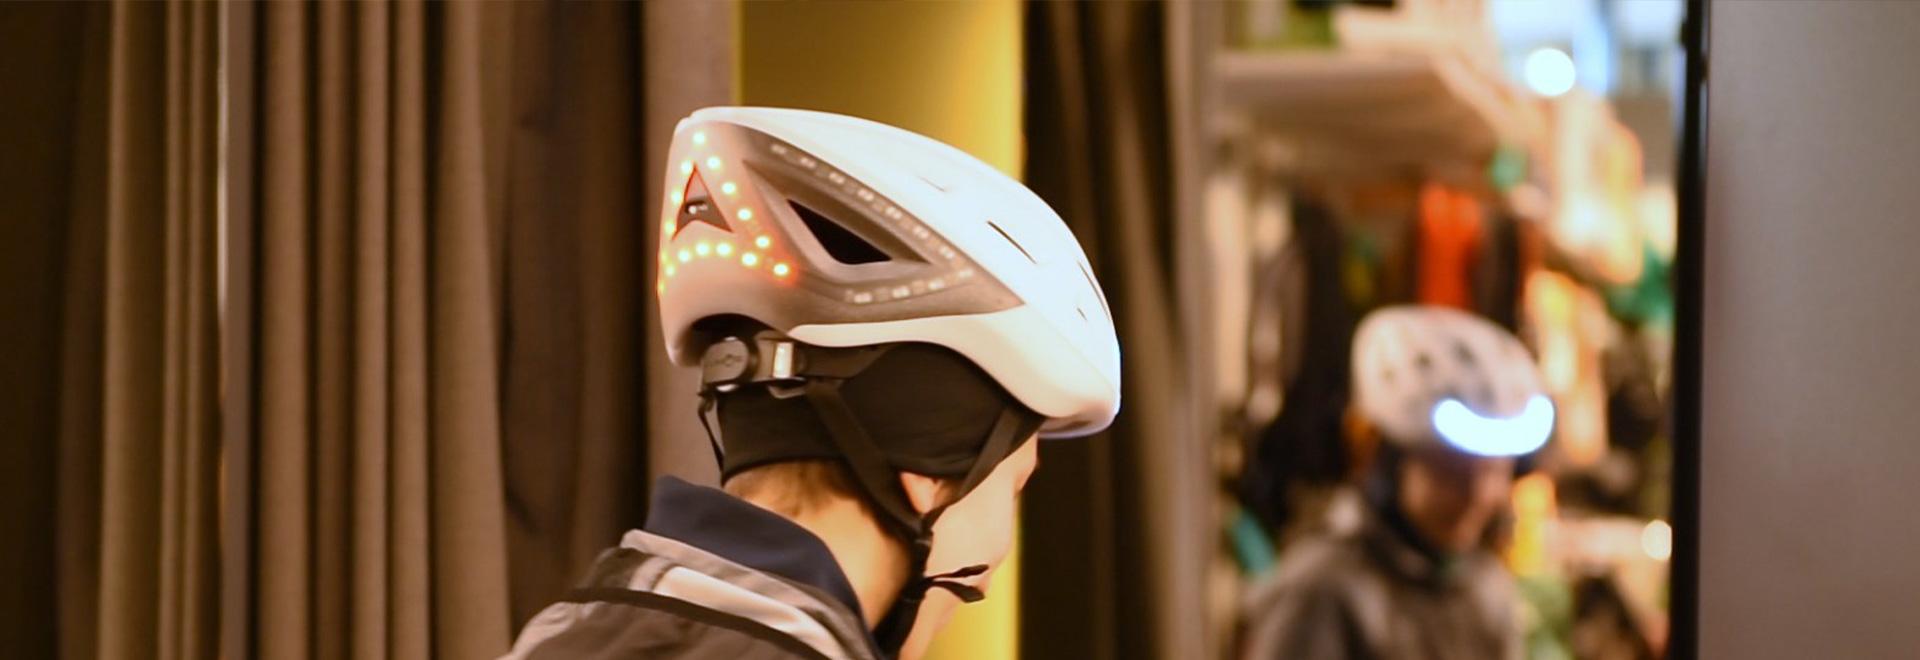 Lumos Kickstart - Der smarte Helm mit Bremslicht & Blinker